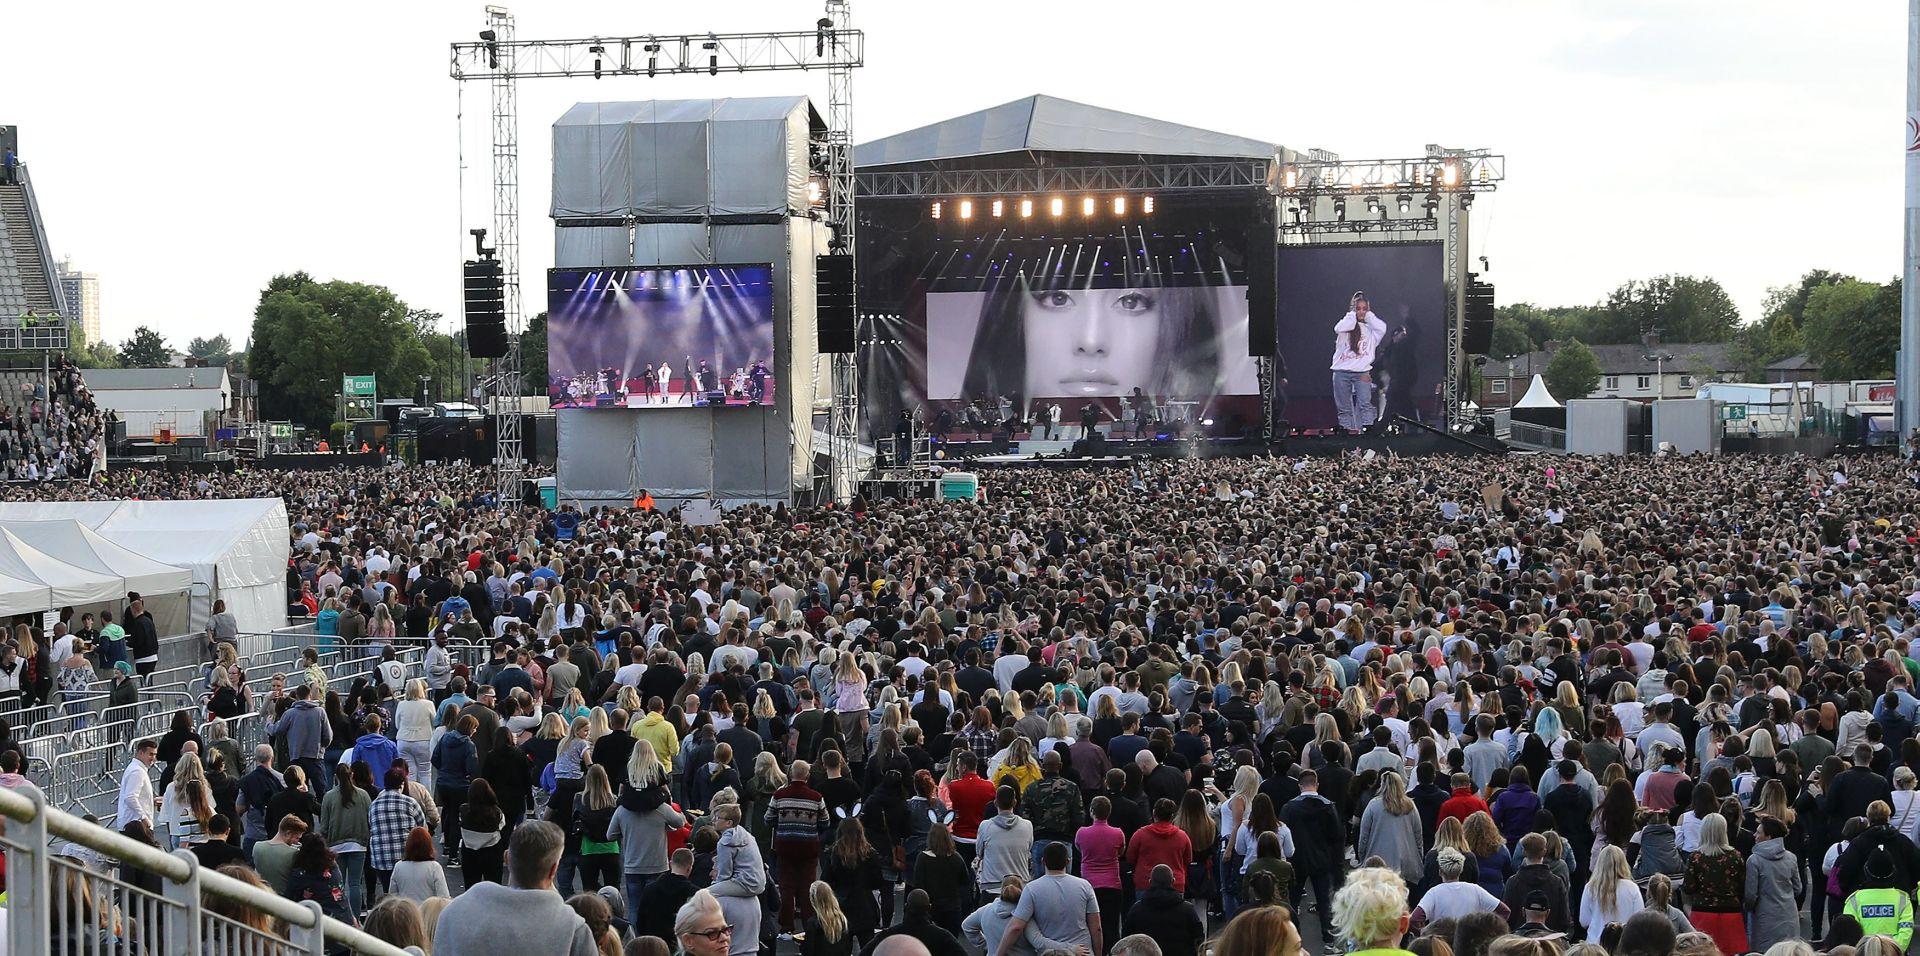 Deseci tisuća protiv terorizma na koncertu Ariane Grande u Manchesteru